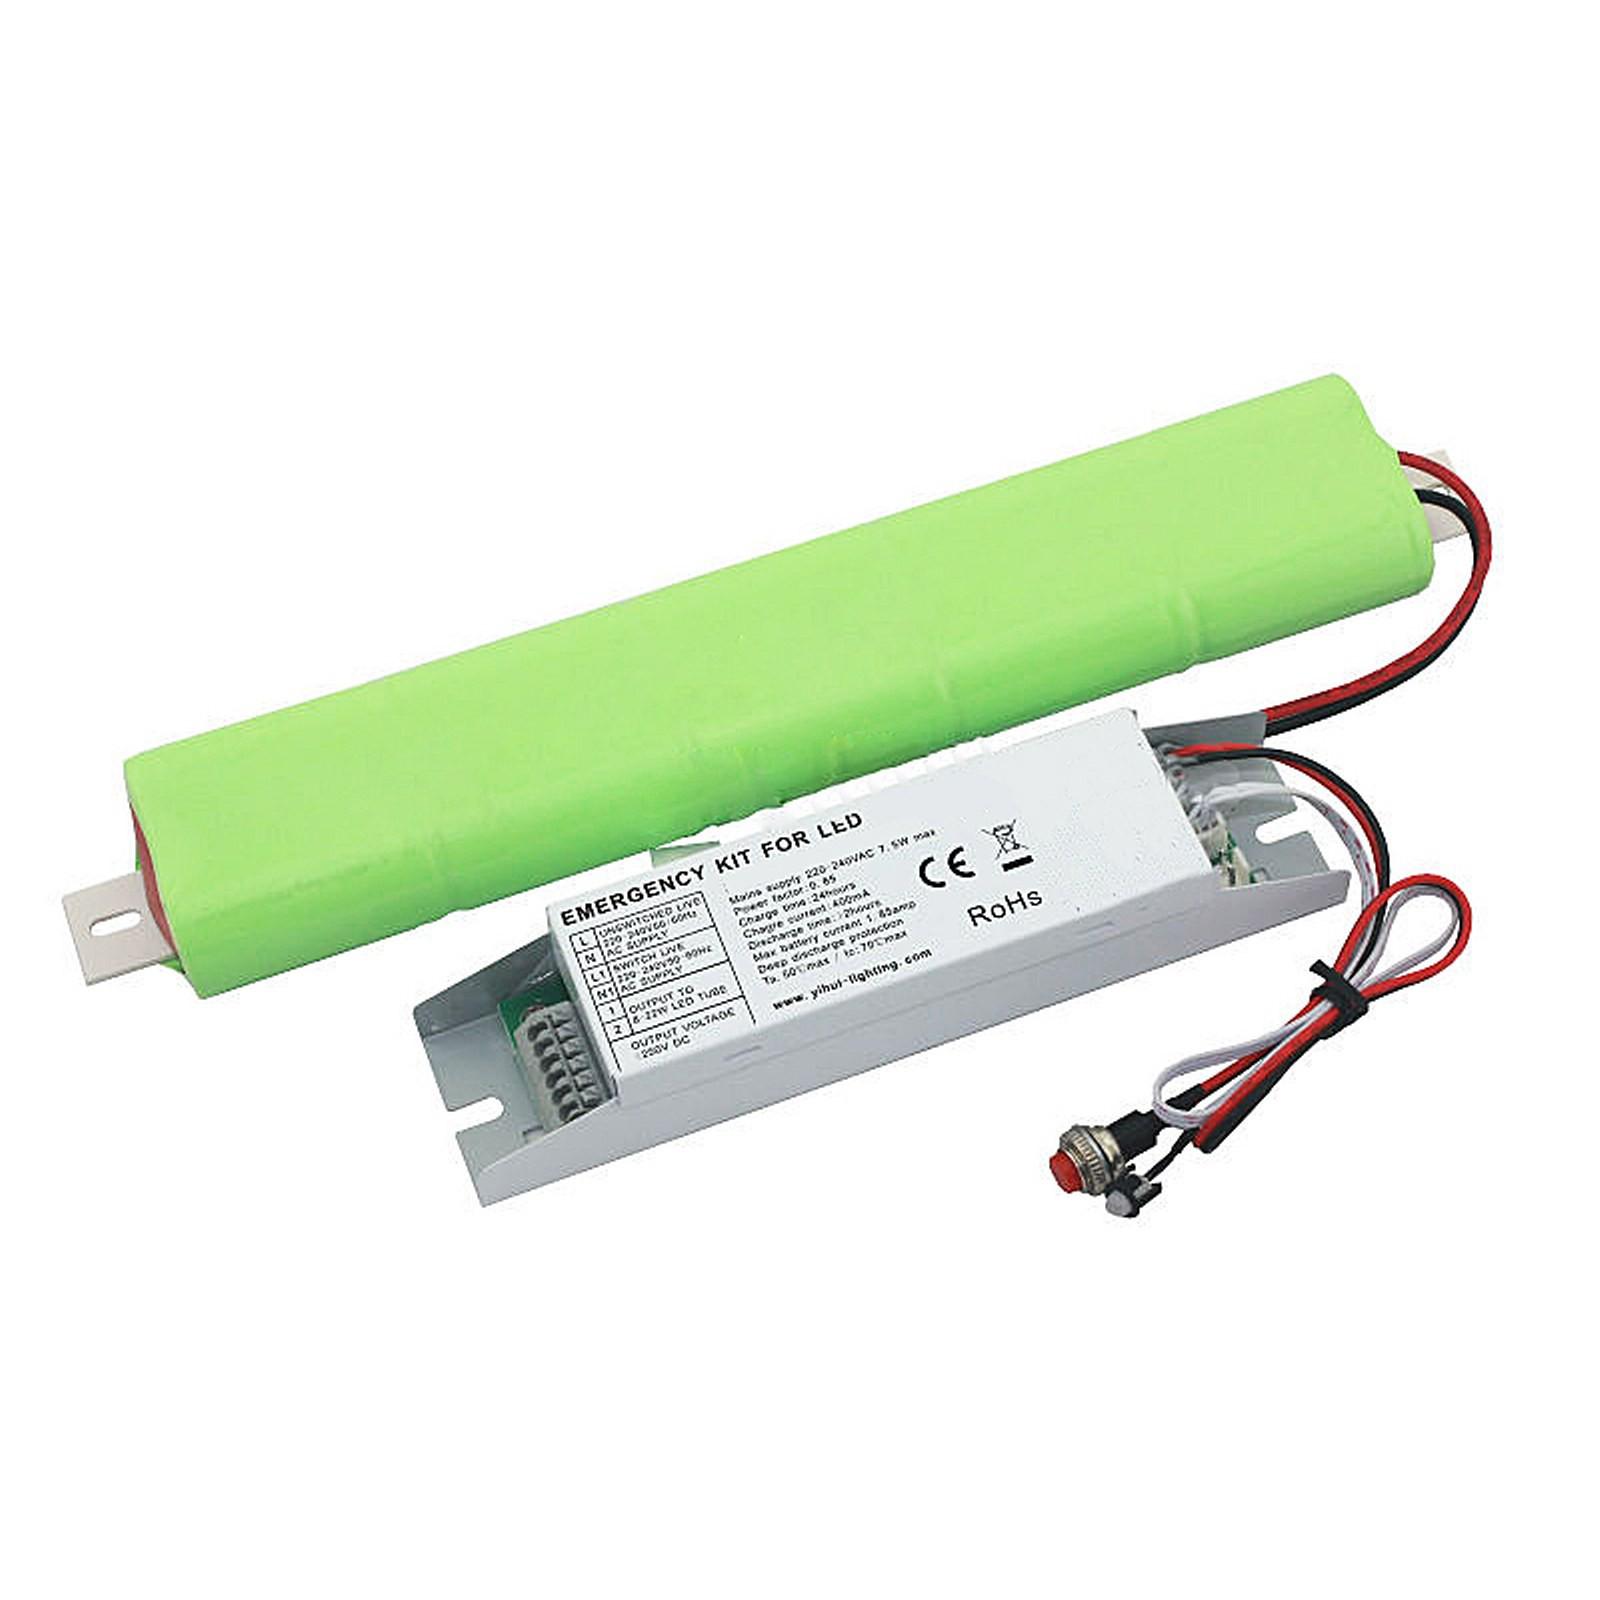 Kit di conversione batteria luci di emergenza per faretto for Lampade a led neon prezzi